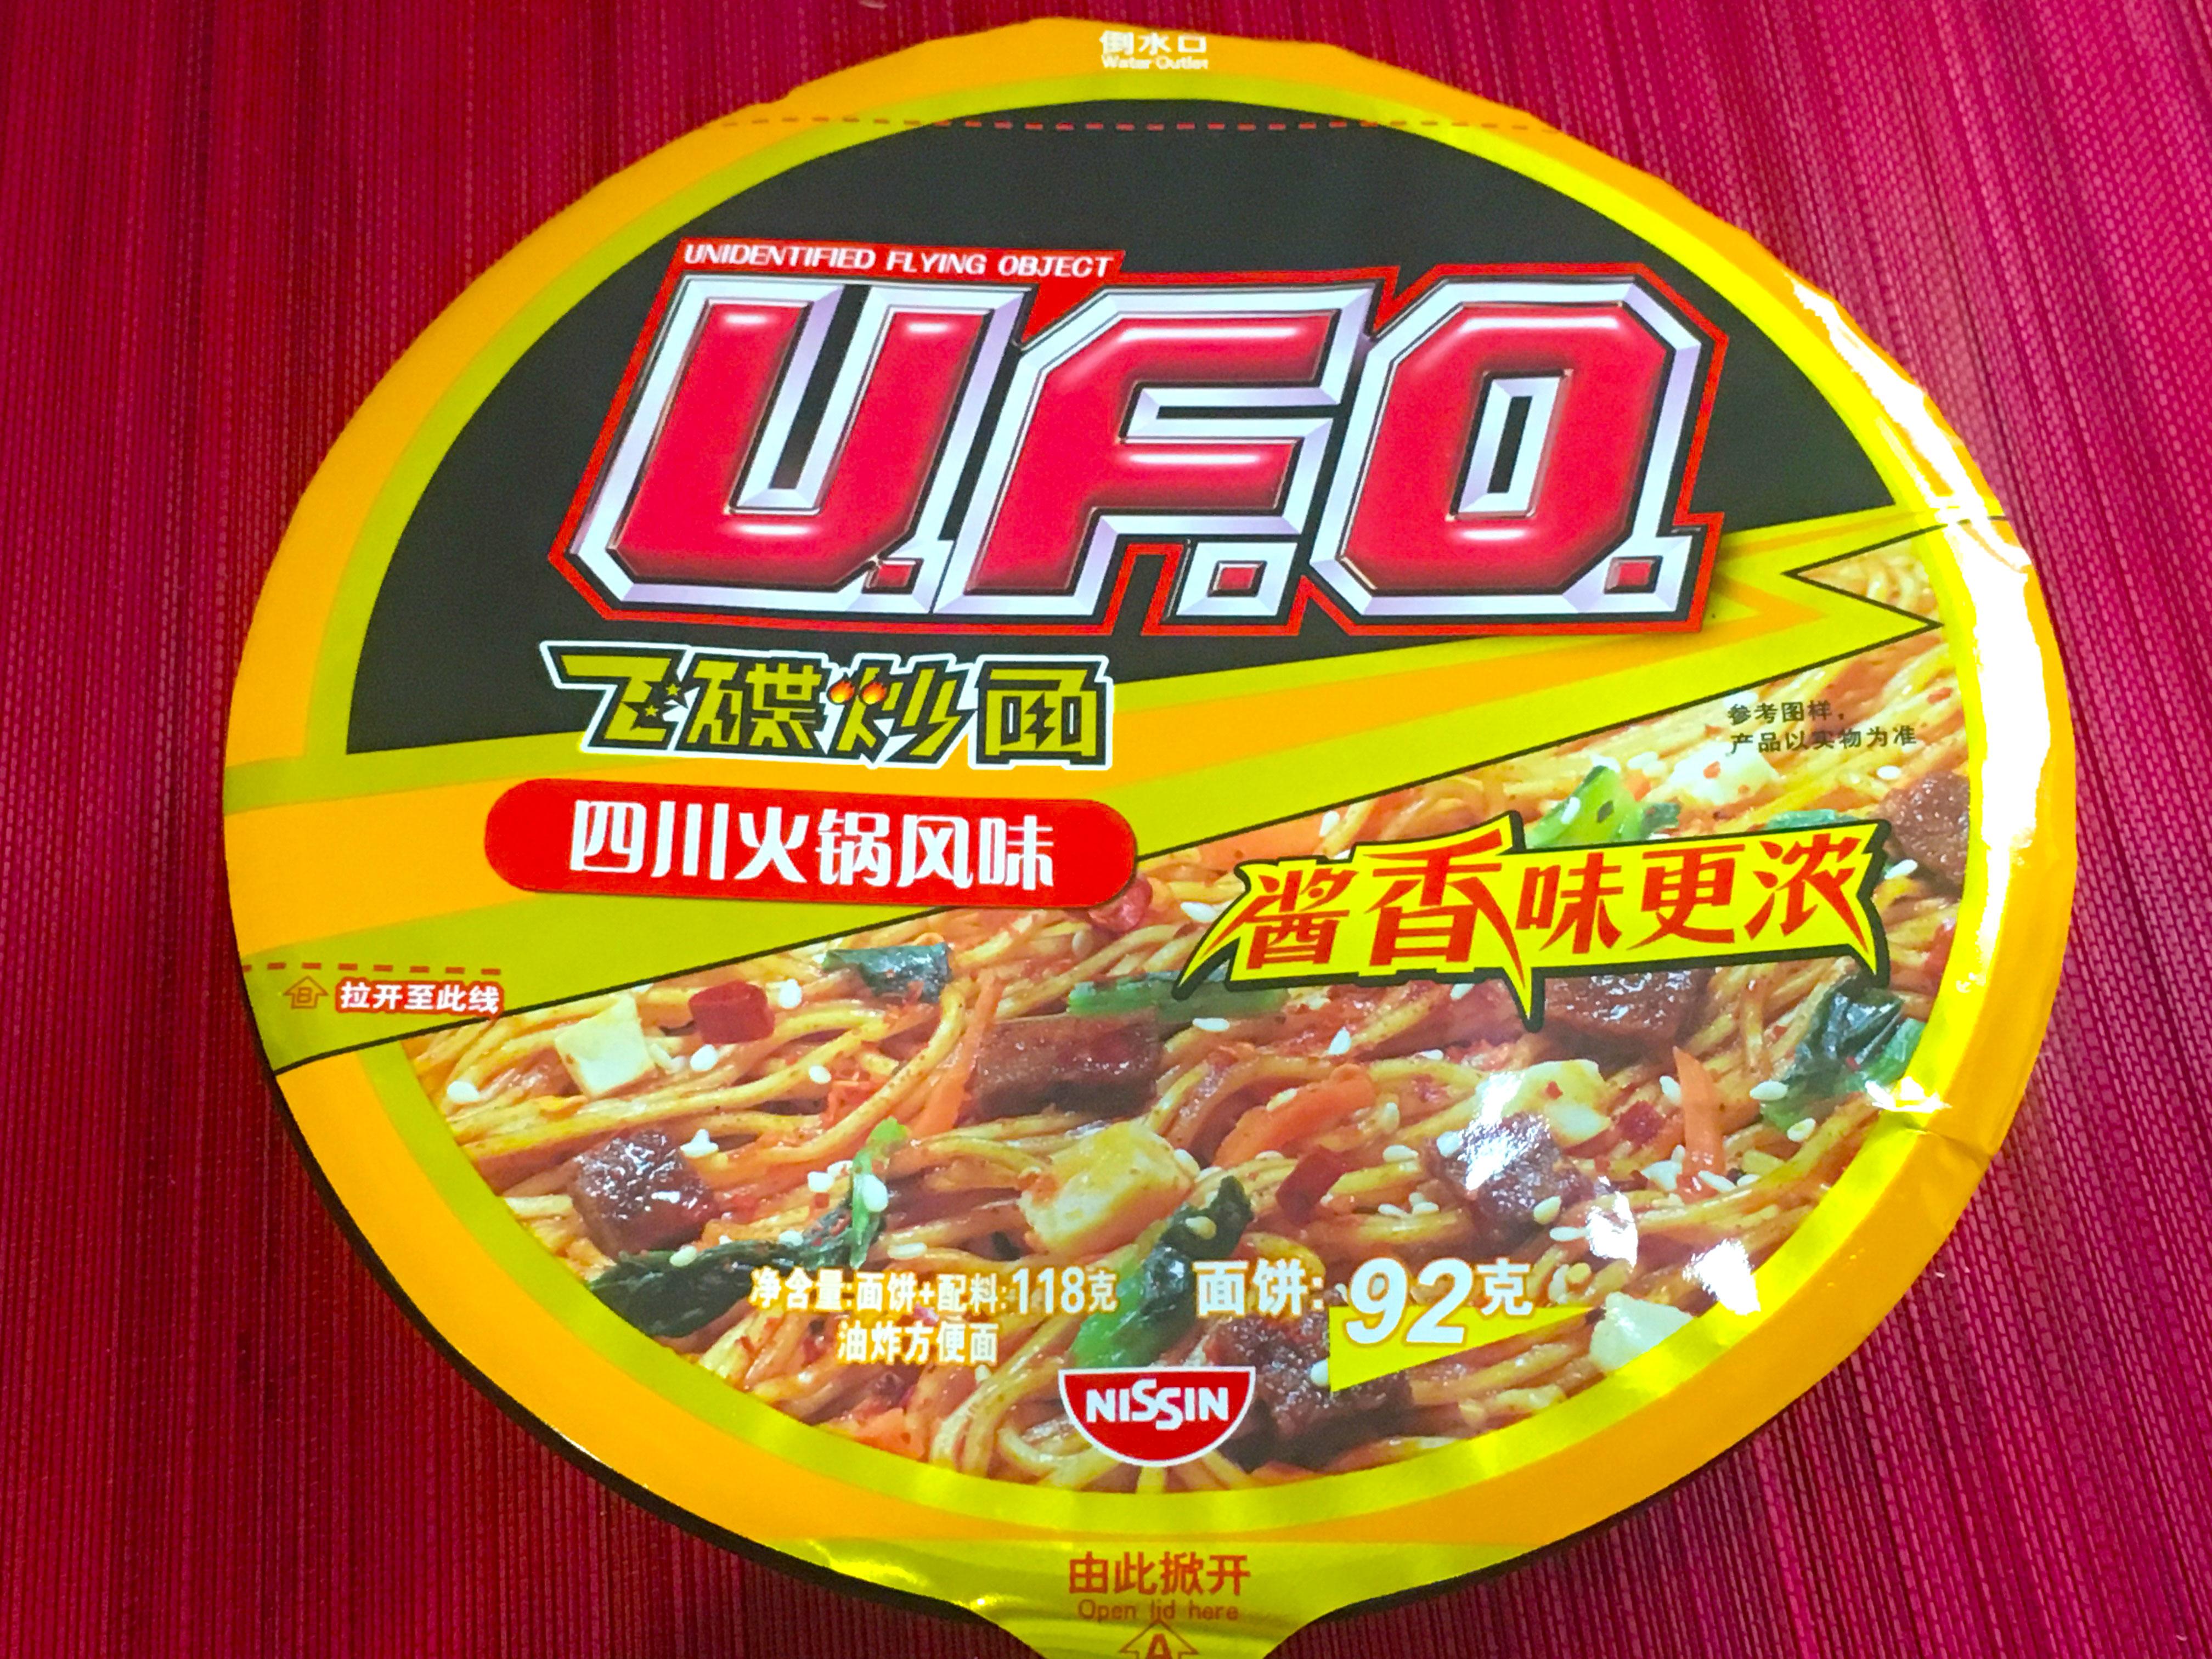 ちょい 足し ufo